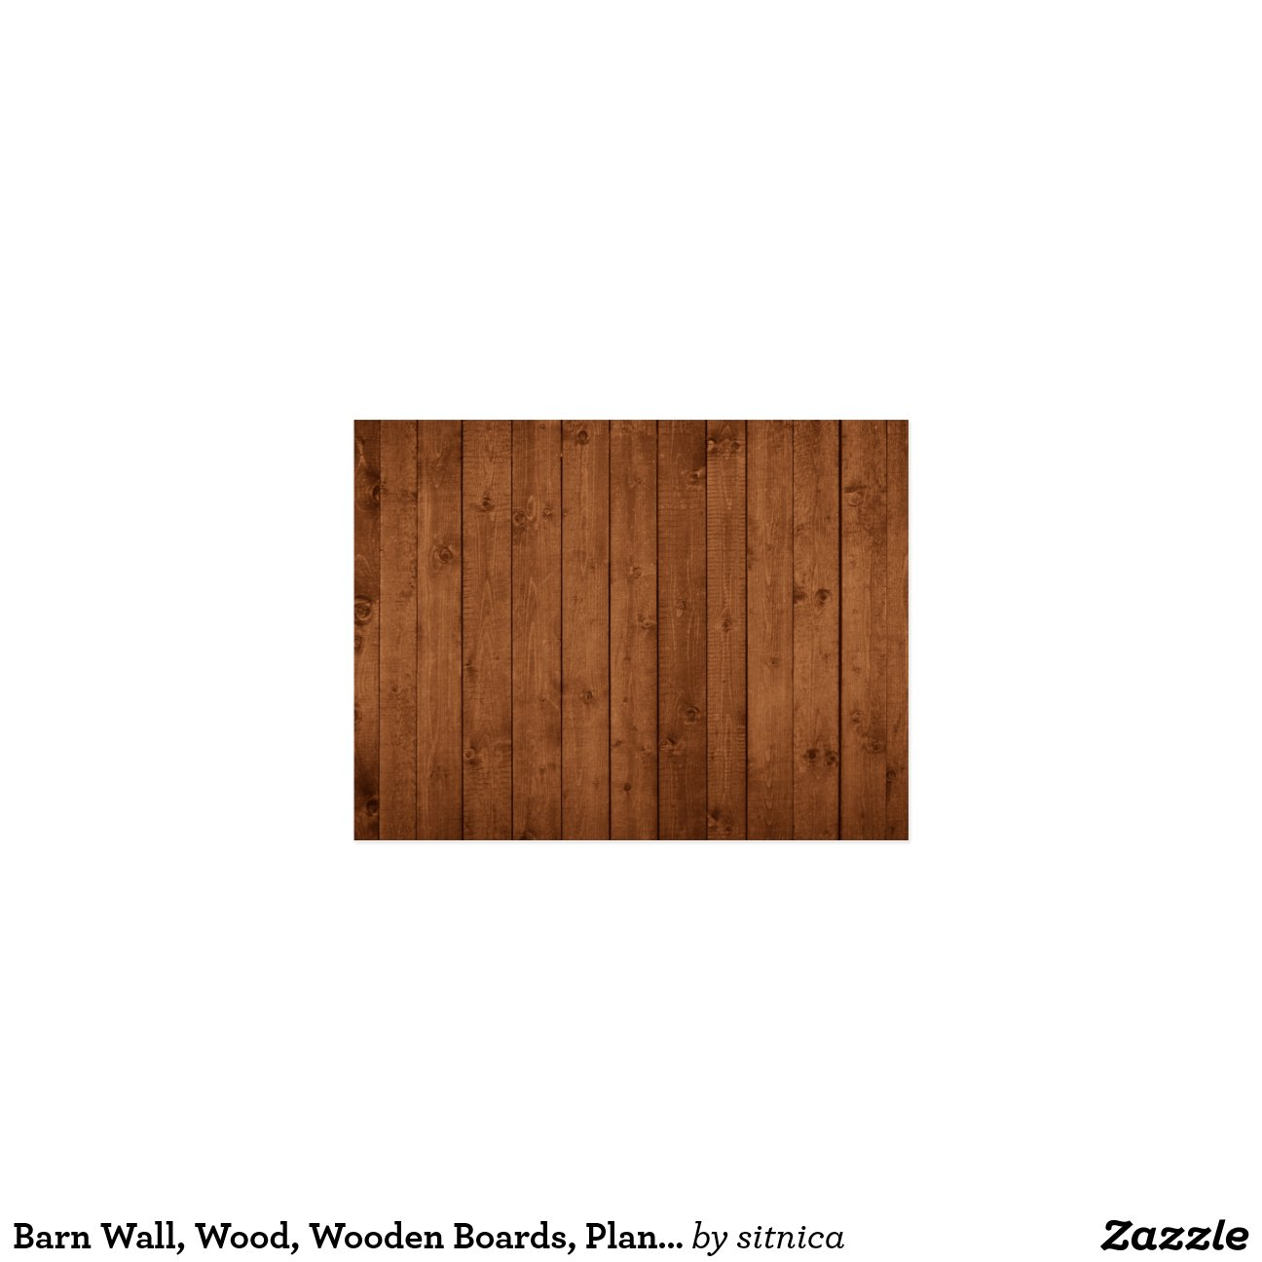 mur de grange fait de vieilles planches en bois carte. Black Bedroom Furniture Sets. Home Design Ideas